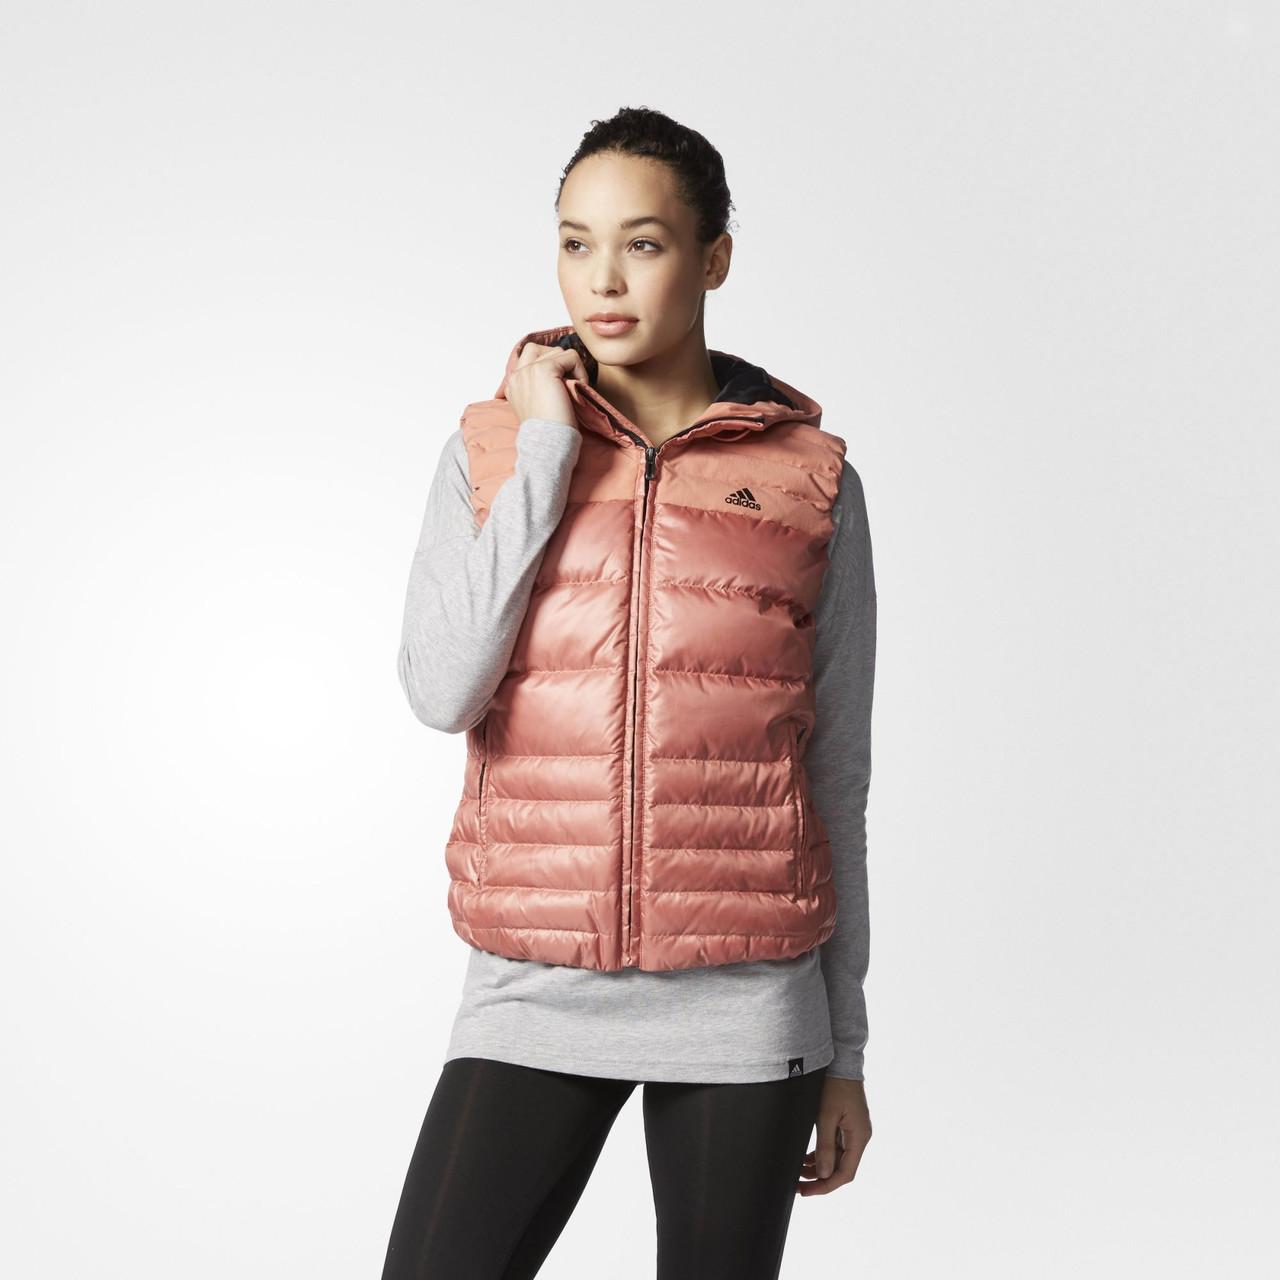 Купить Женский утепленный жилет Adidas Cozy (Артикул  AX8302) в ... fb4f92c4244